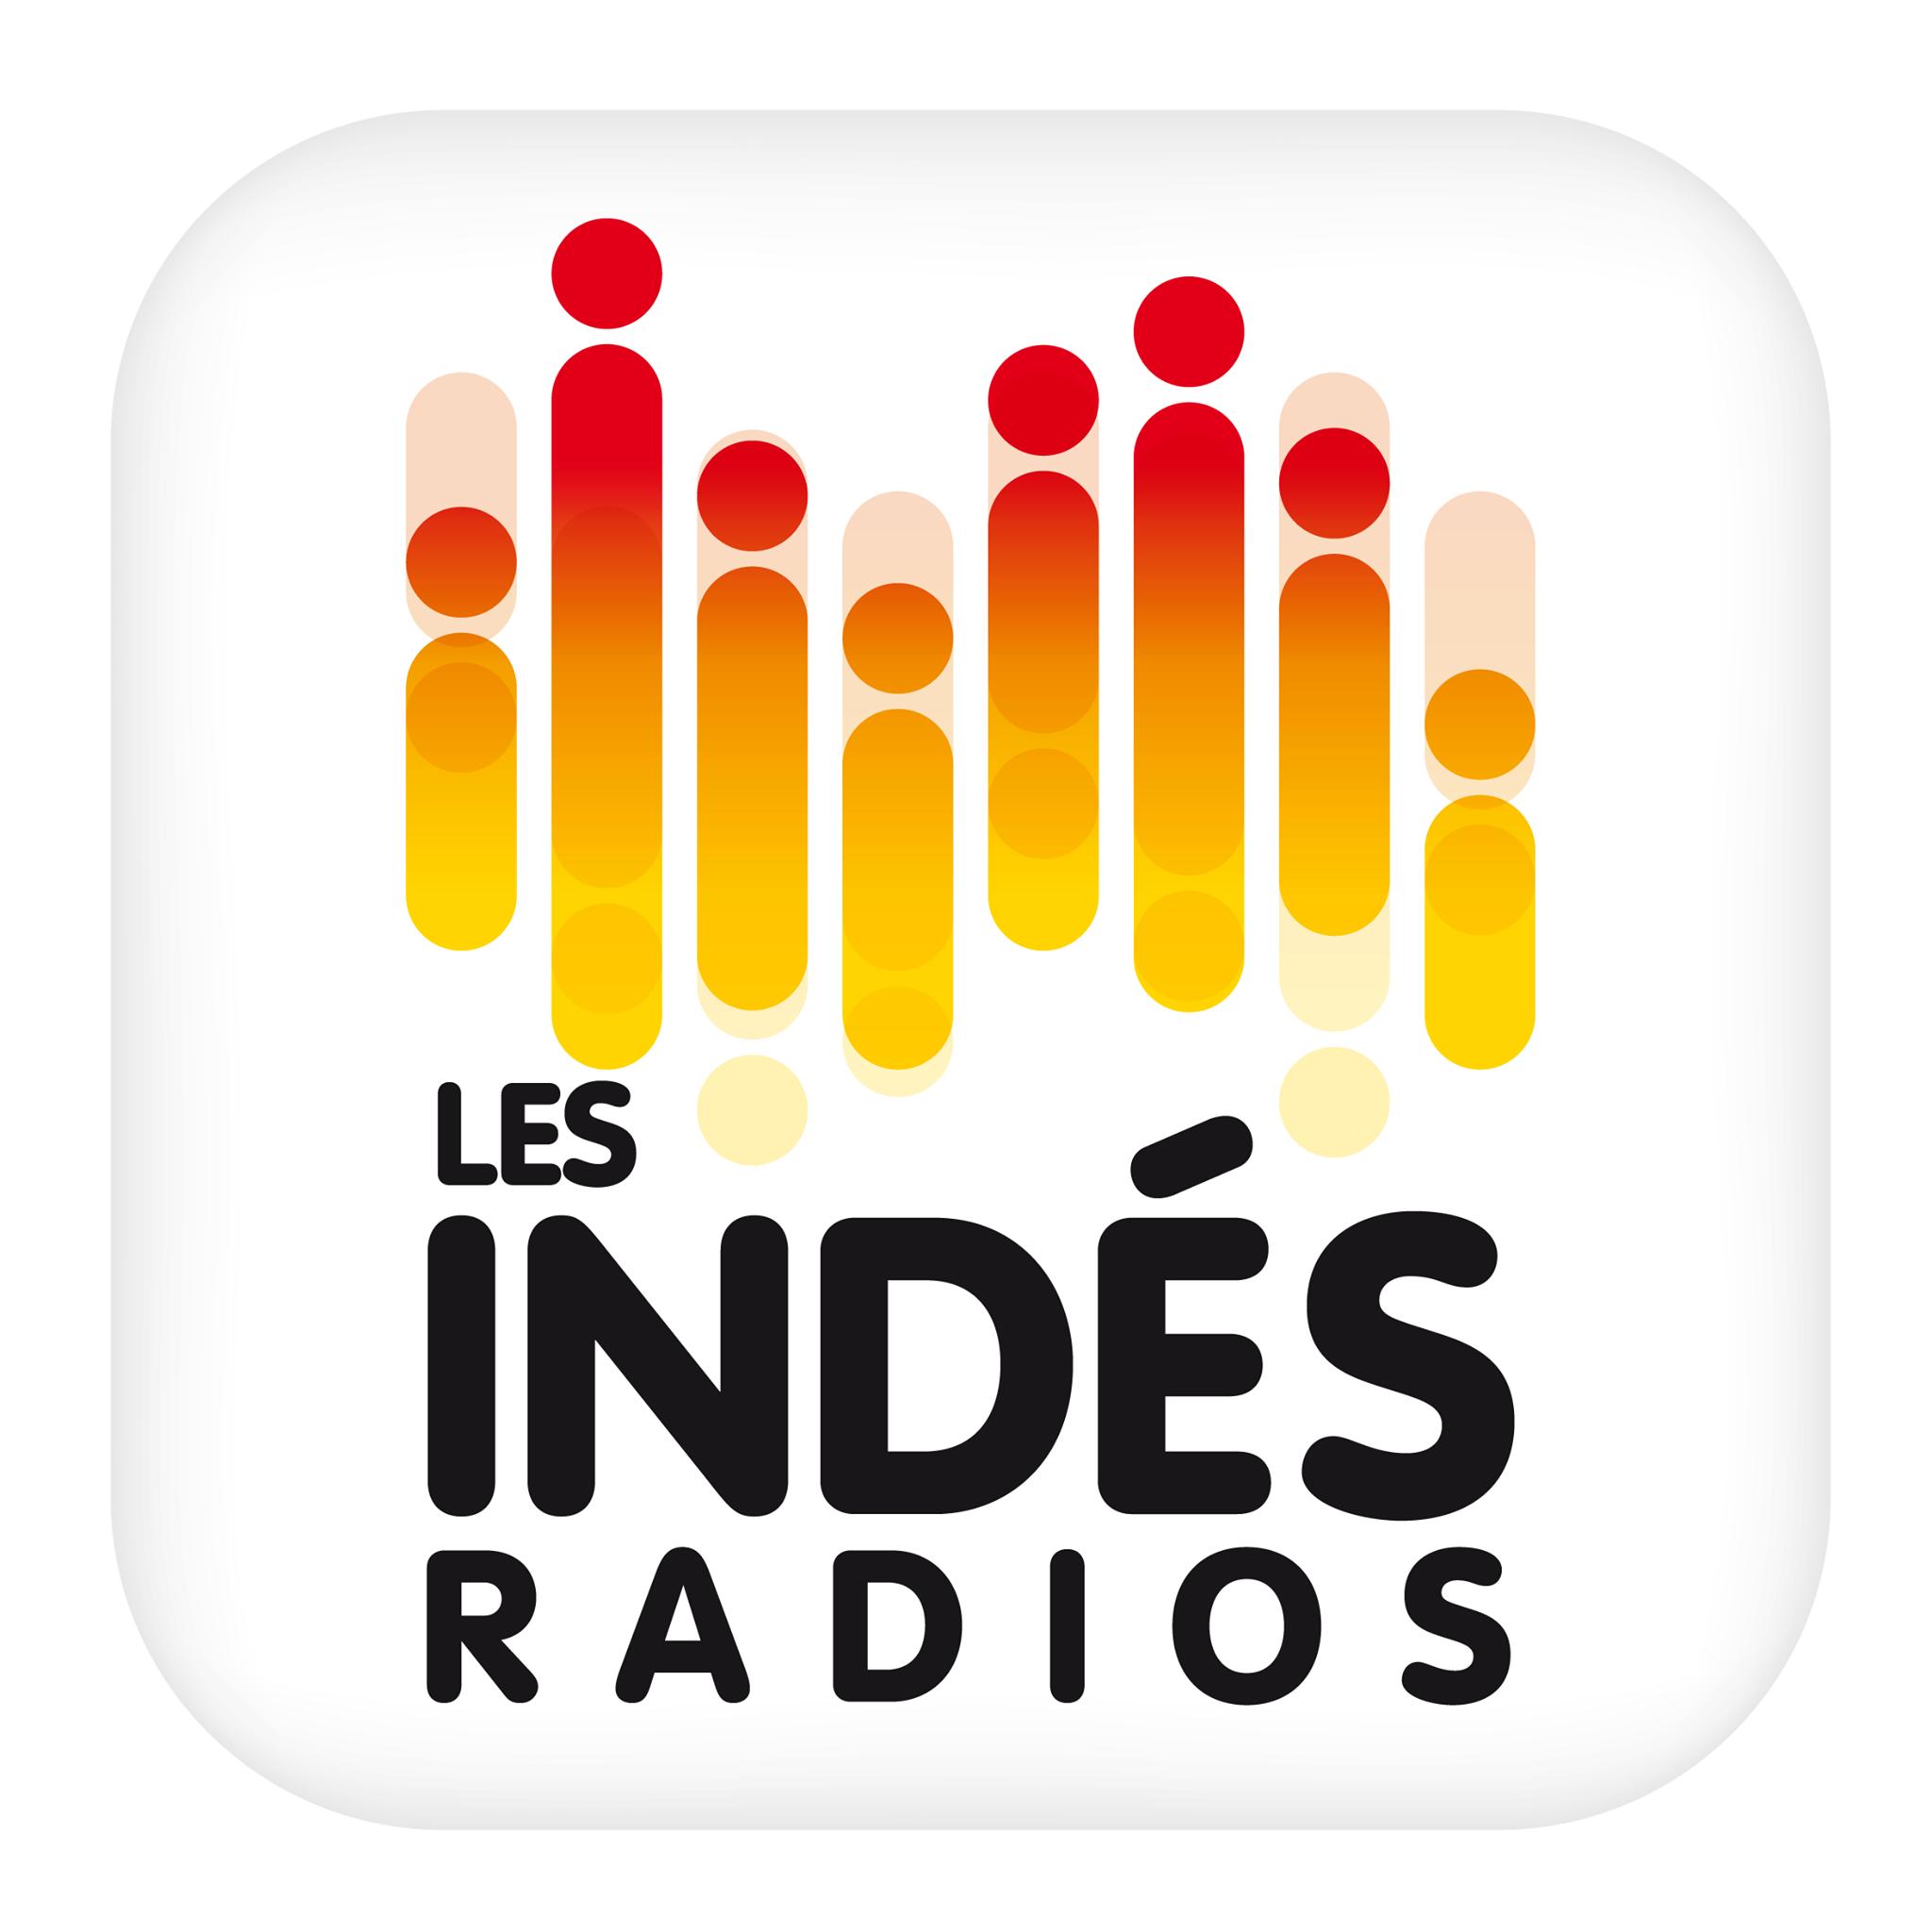 Indés Radios : des résultats en légère baisse en 2017